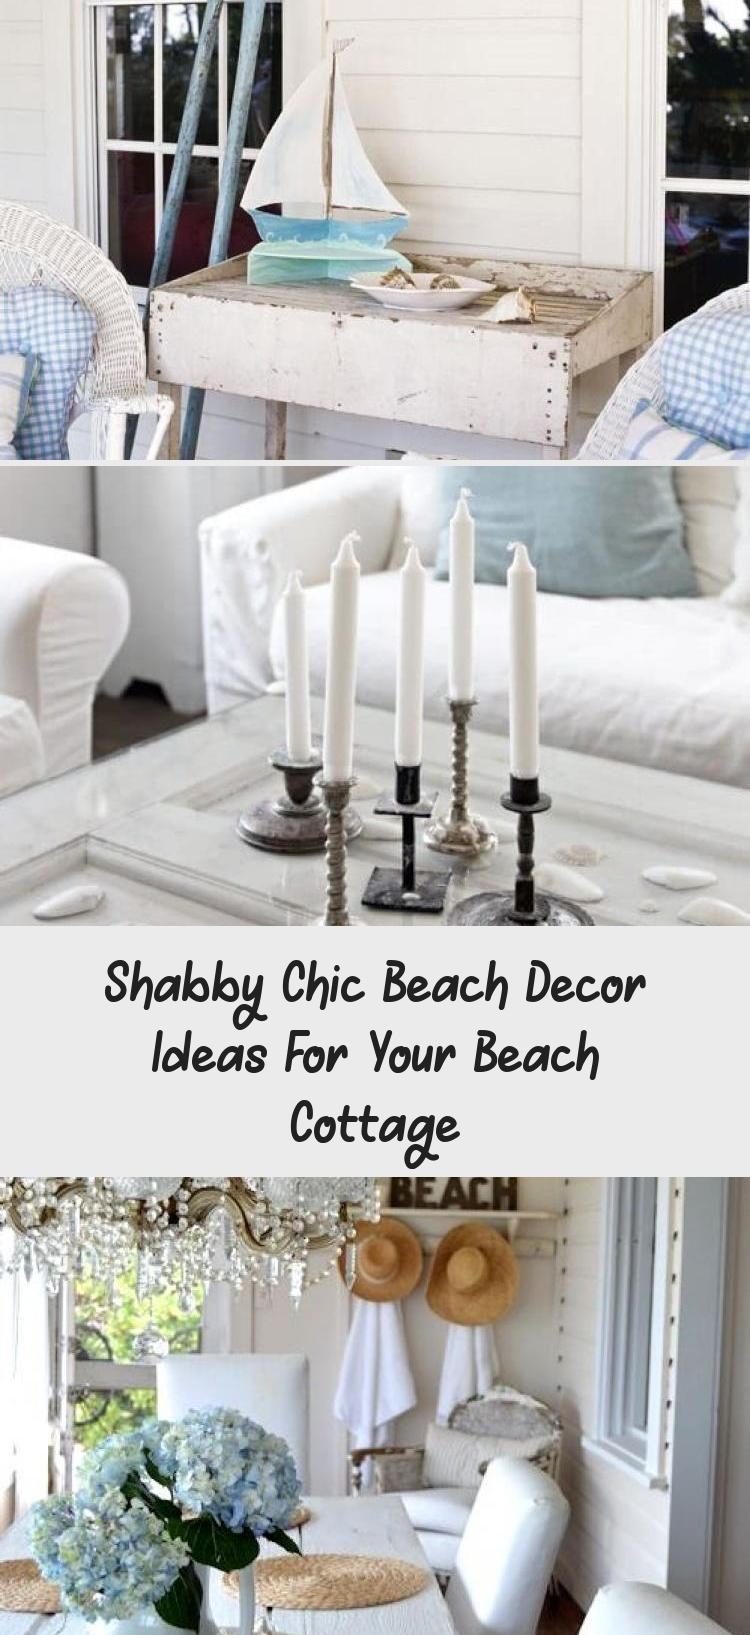 Shabby Chic Beach Decor Ideas For Your